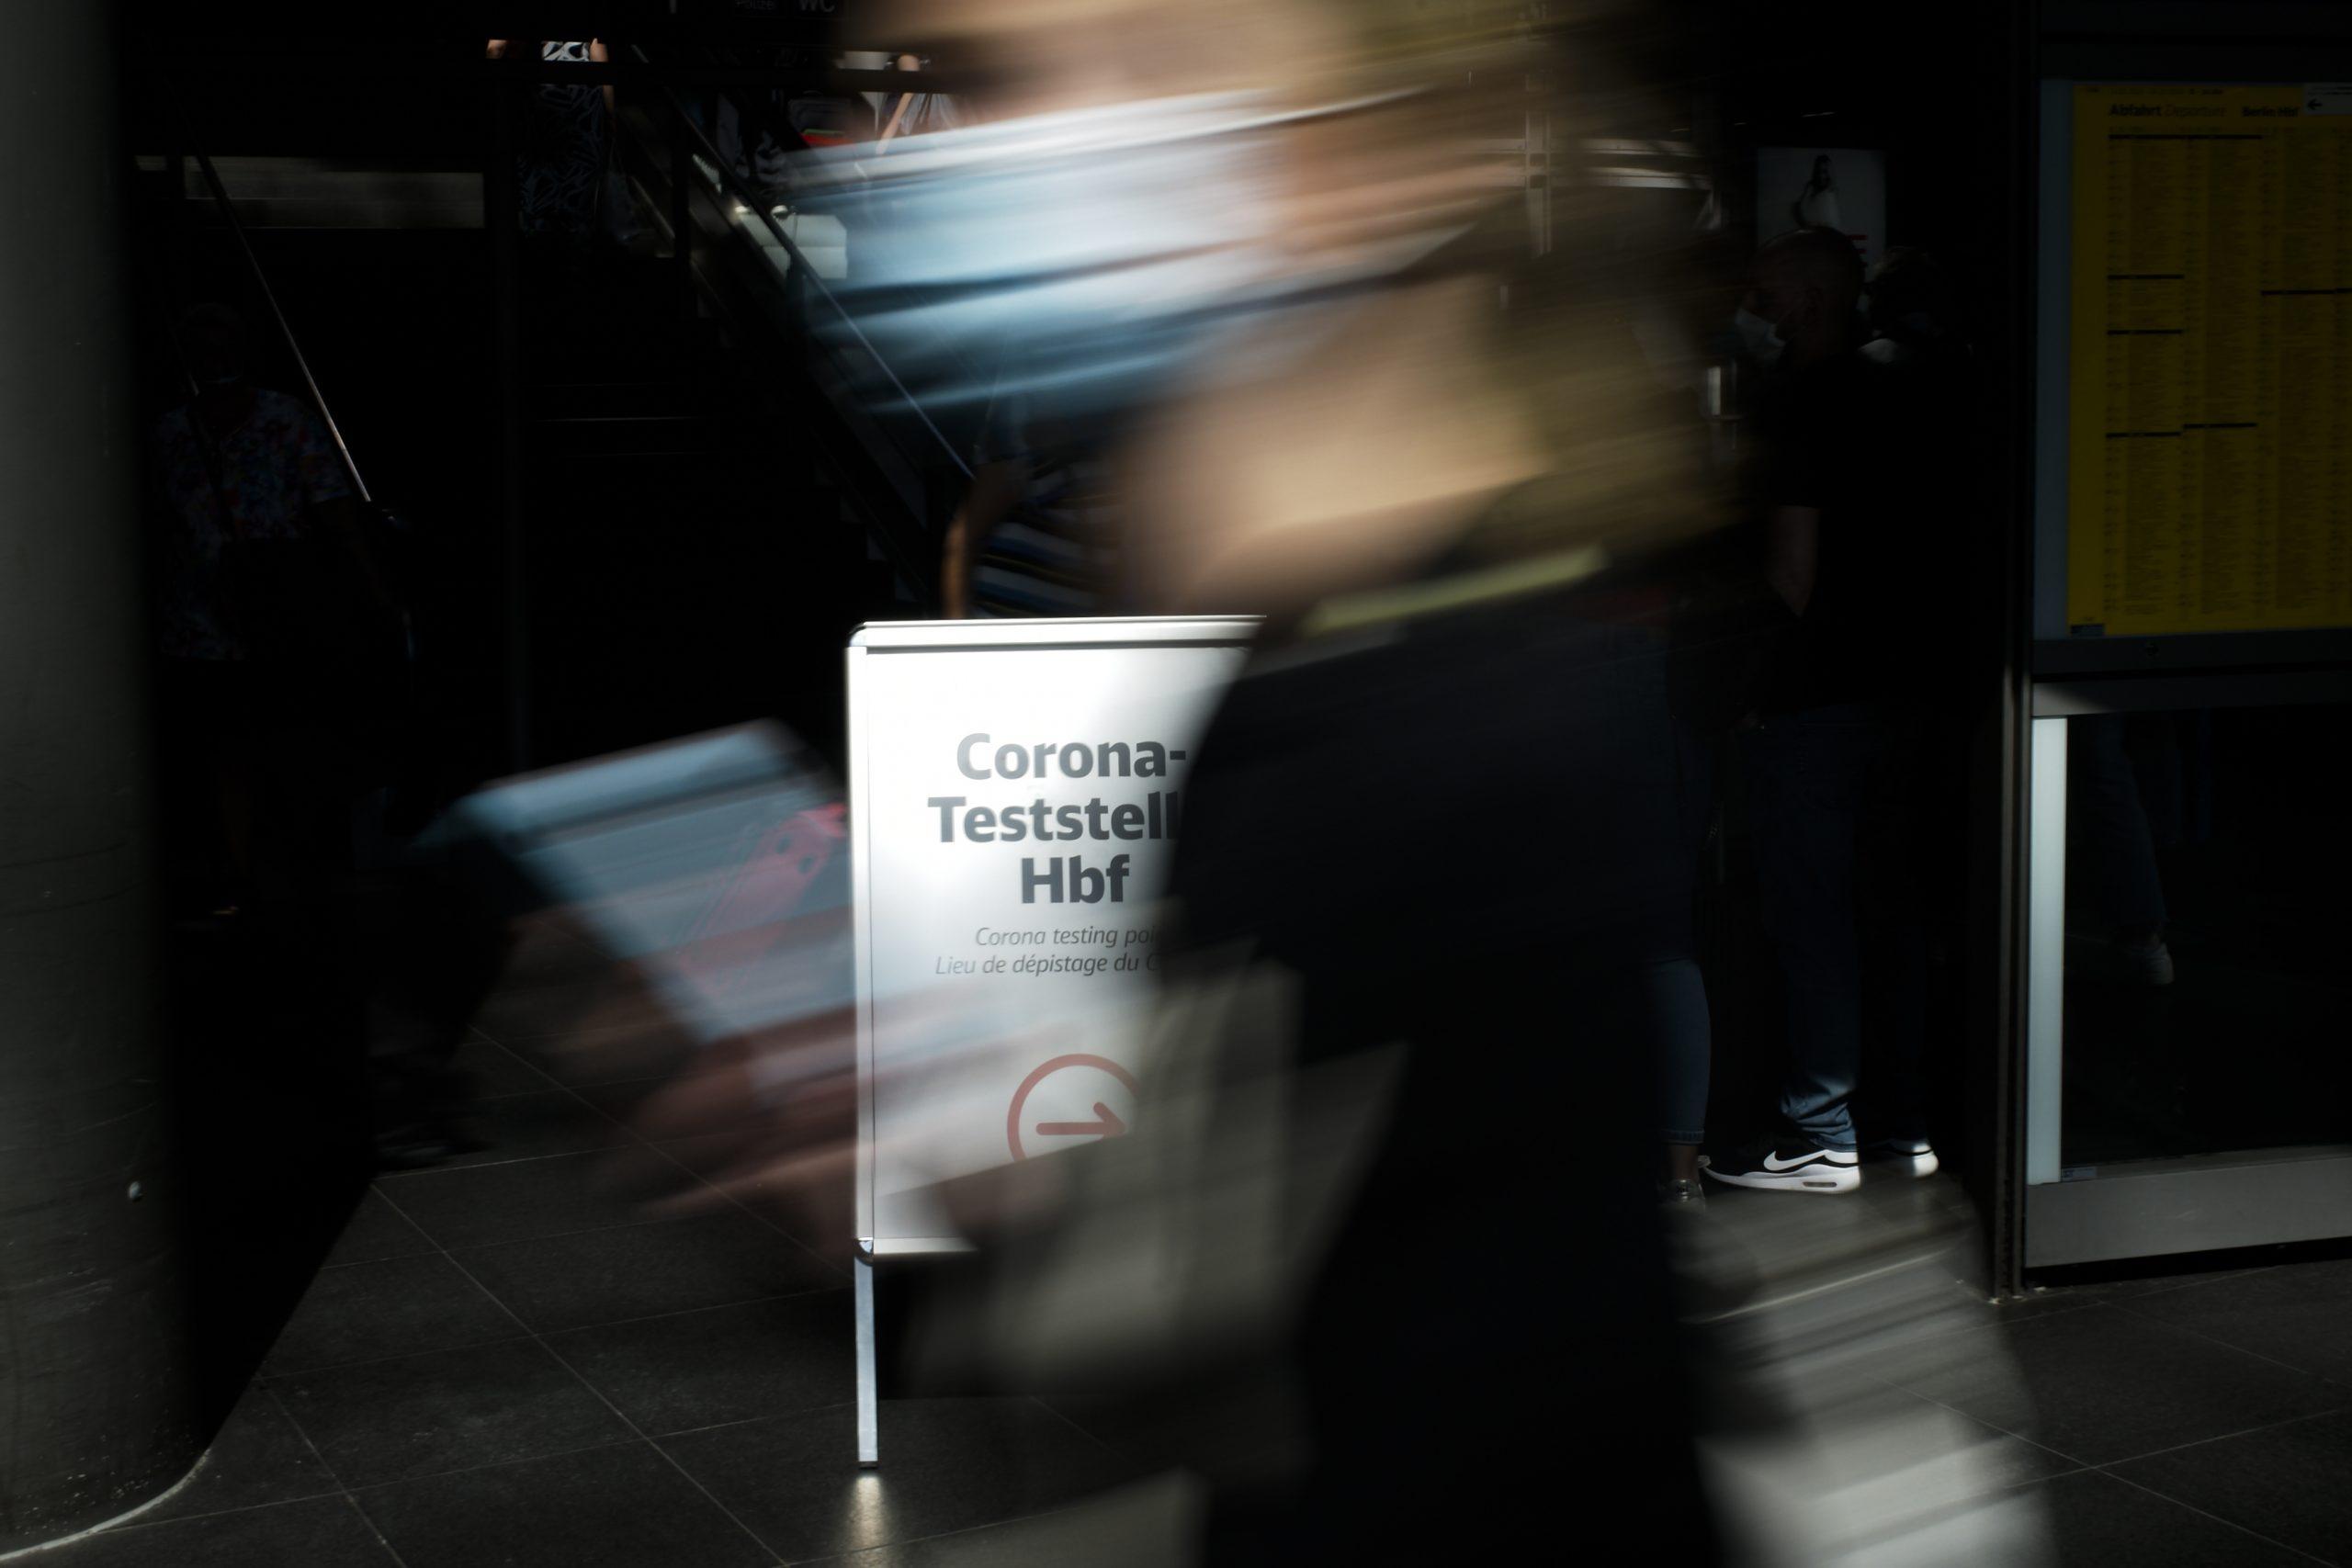 La vera letalità del coronavirus: un libro inchioda gli allarmisti